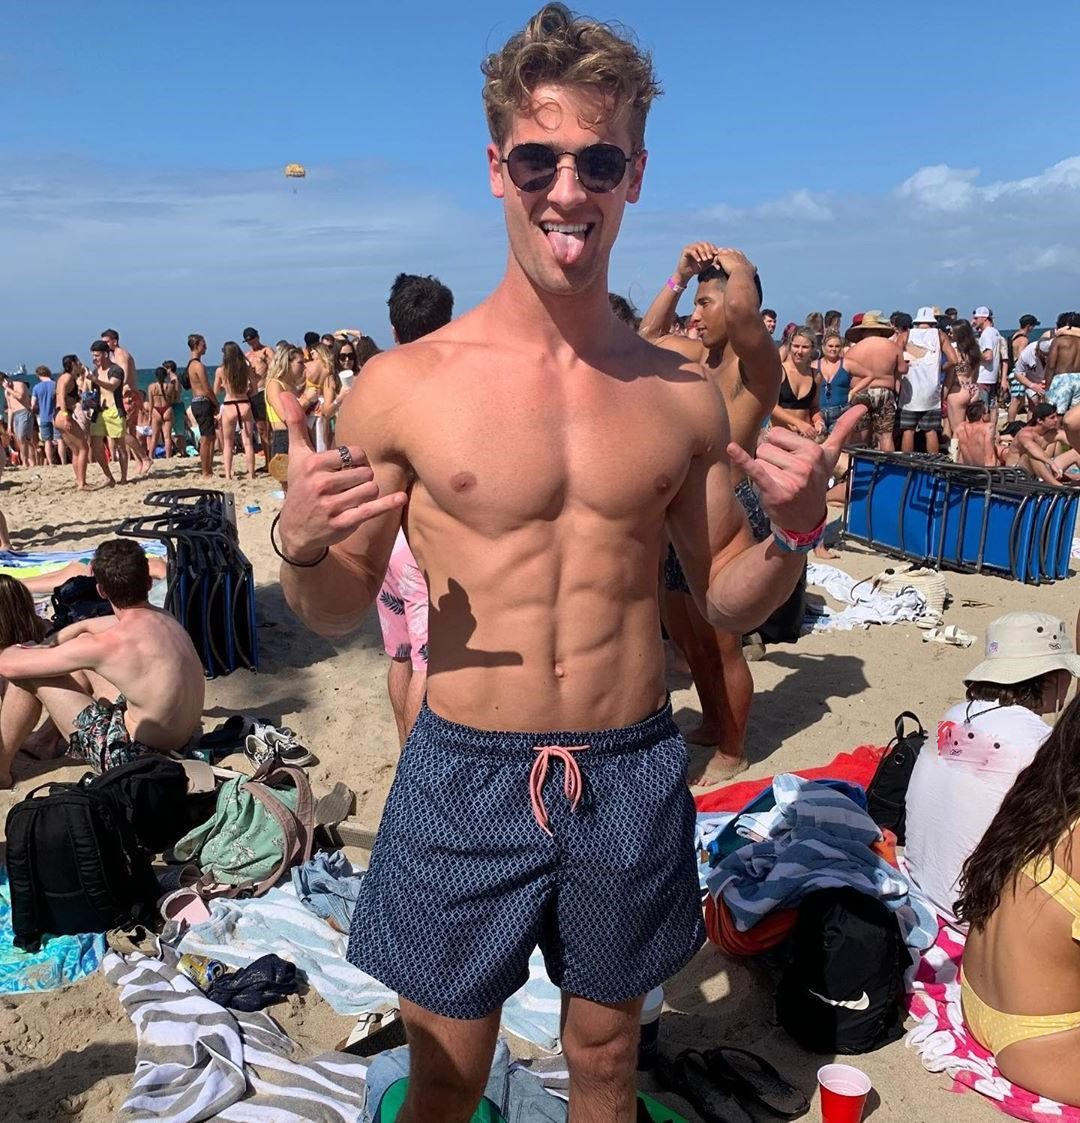 attractive-barechest-slim-fit-frat-college-boy-sunglasses-beach-sand-crowd